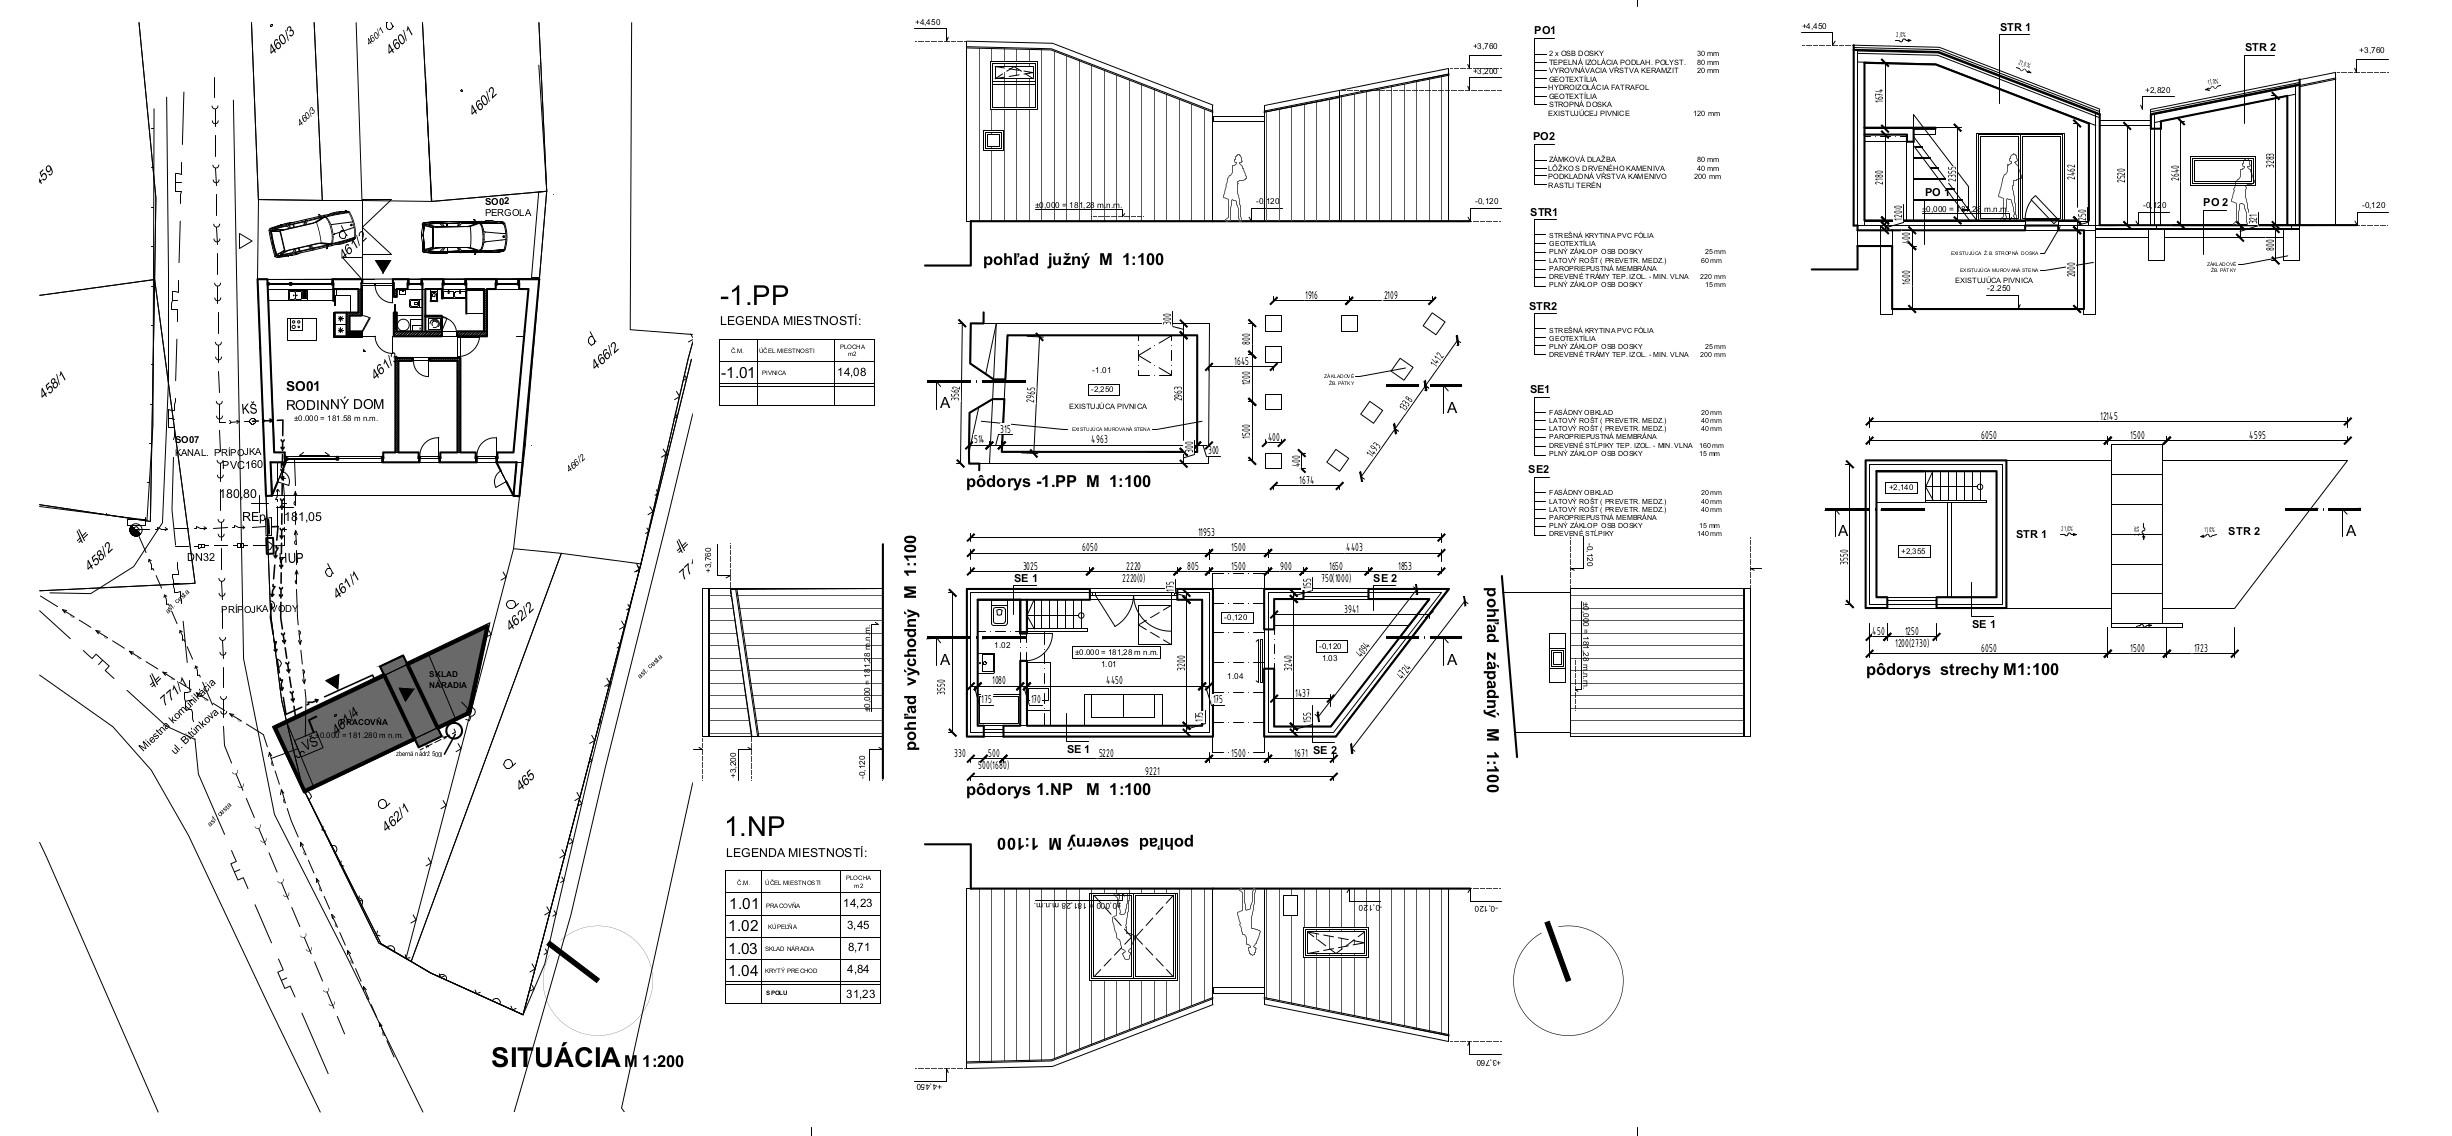 2012_02-STUPAVA-DOM zmena stodola 5 PSP upravene-ZMENA stodola architketura (2)